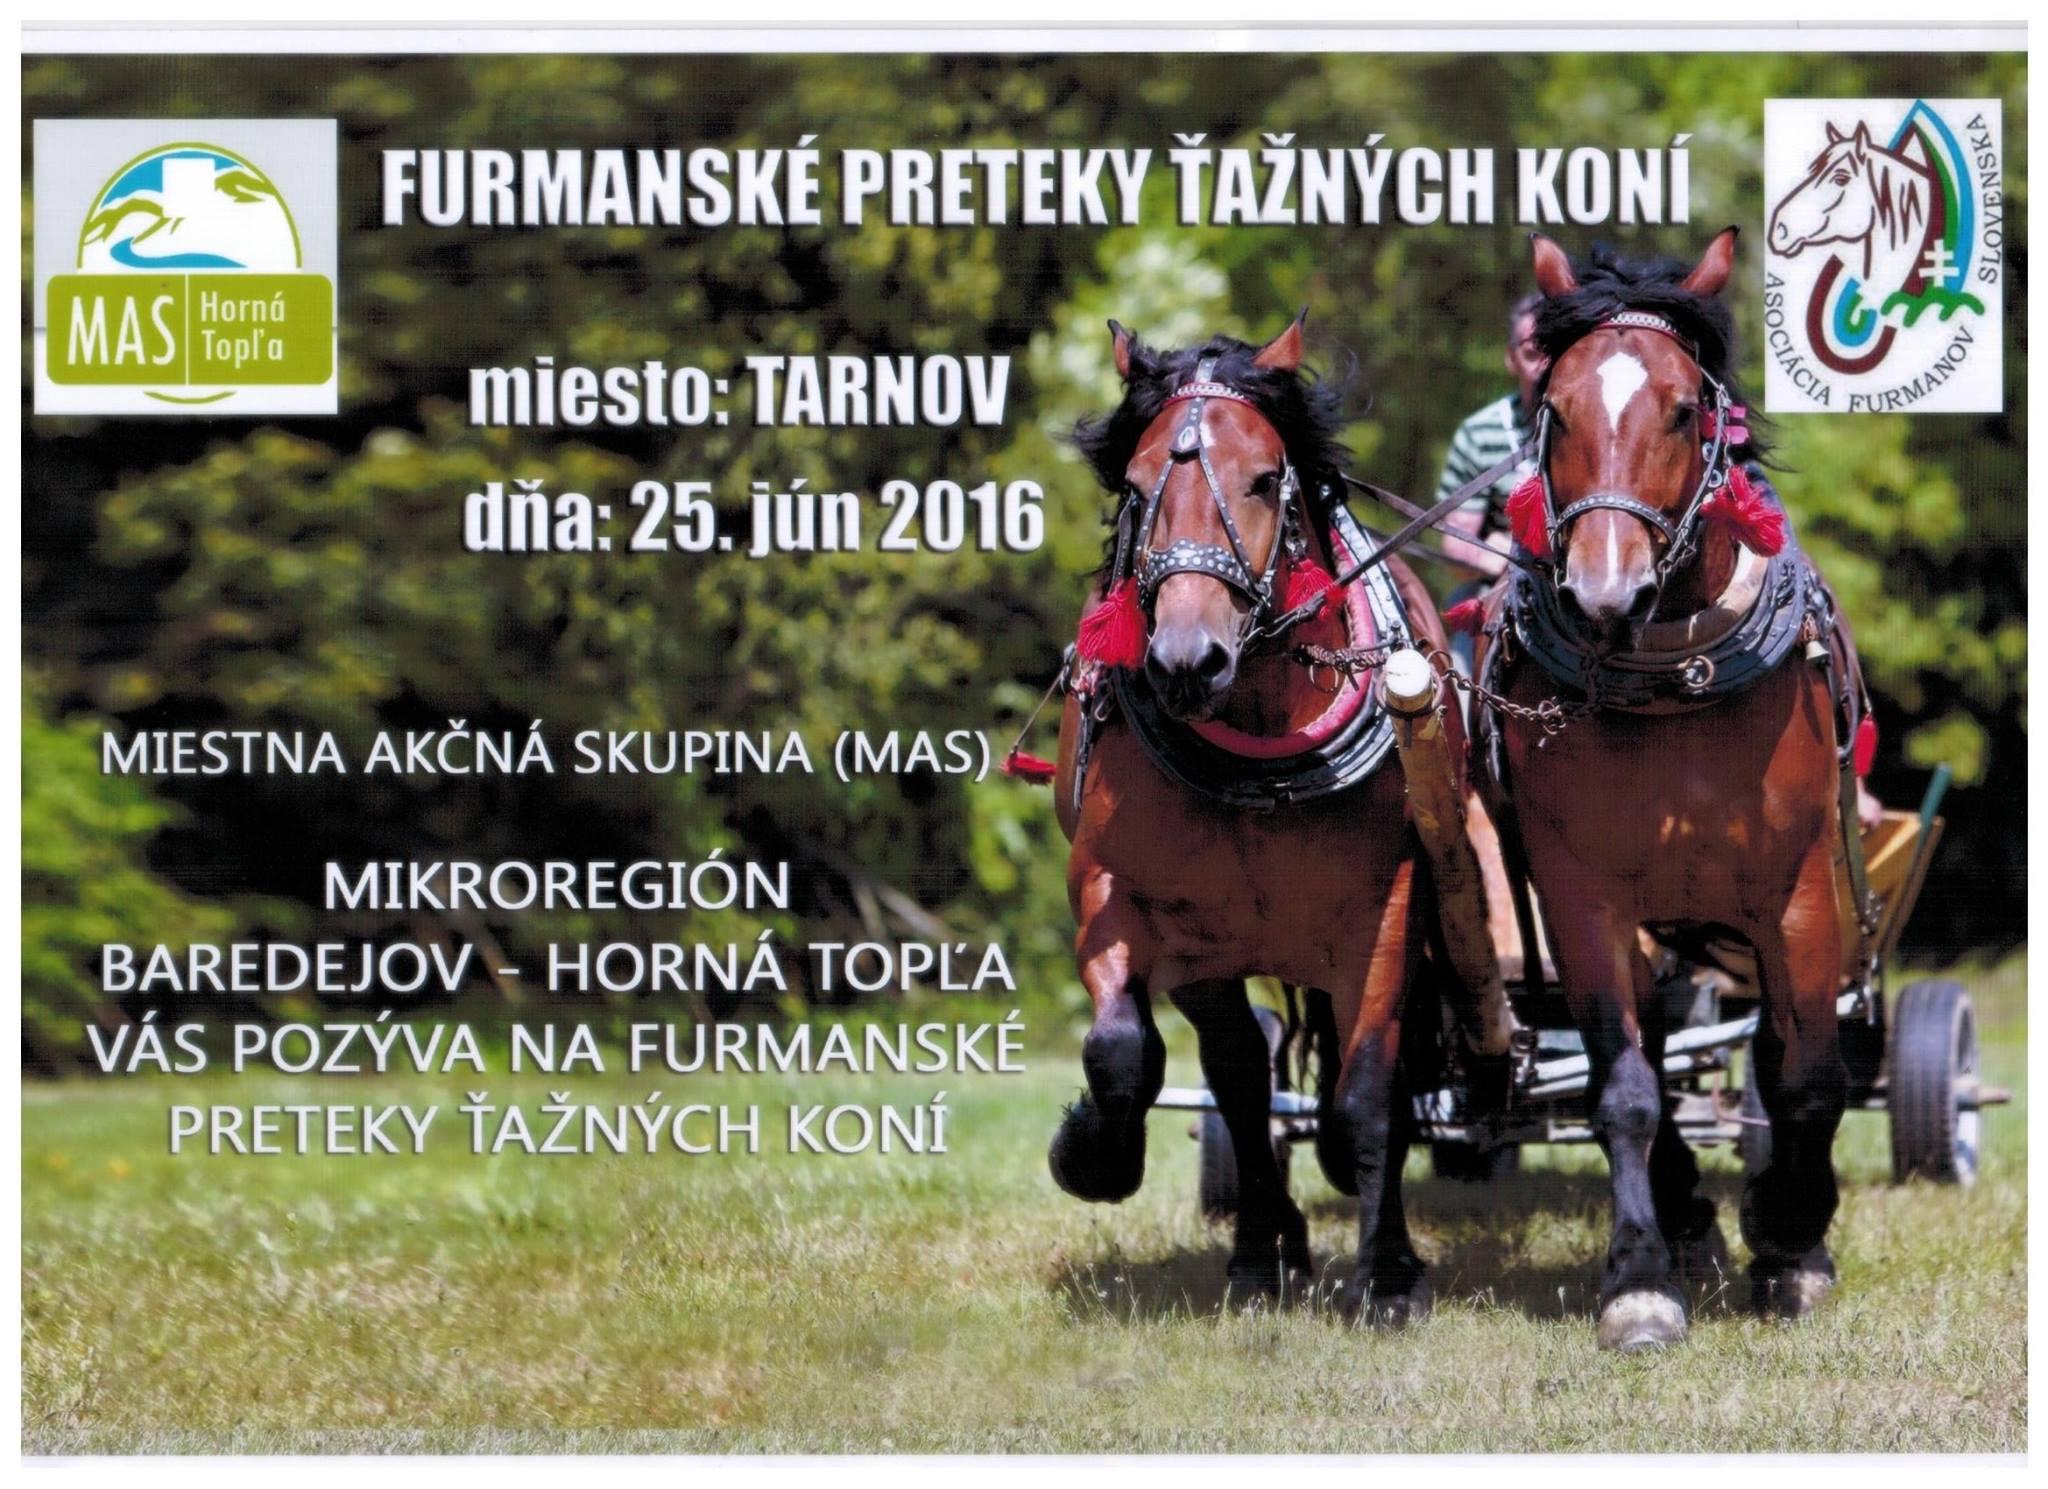 Furmanské preteky ťažných koní